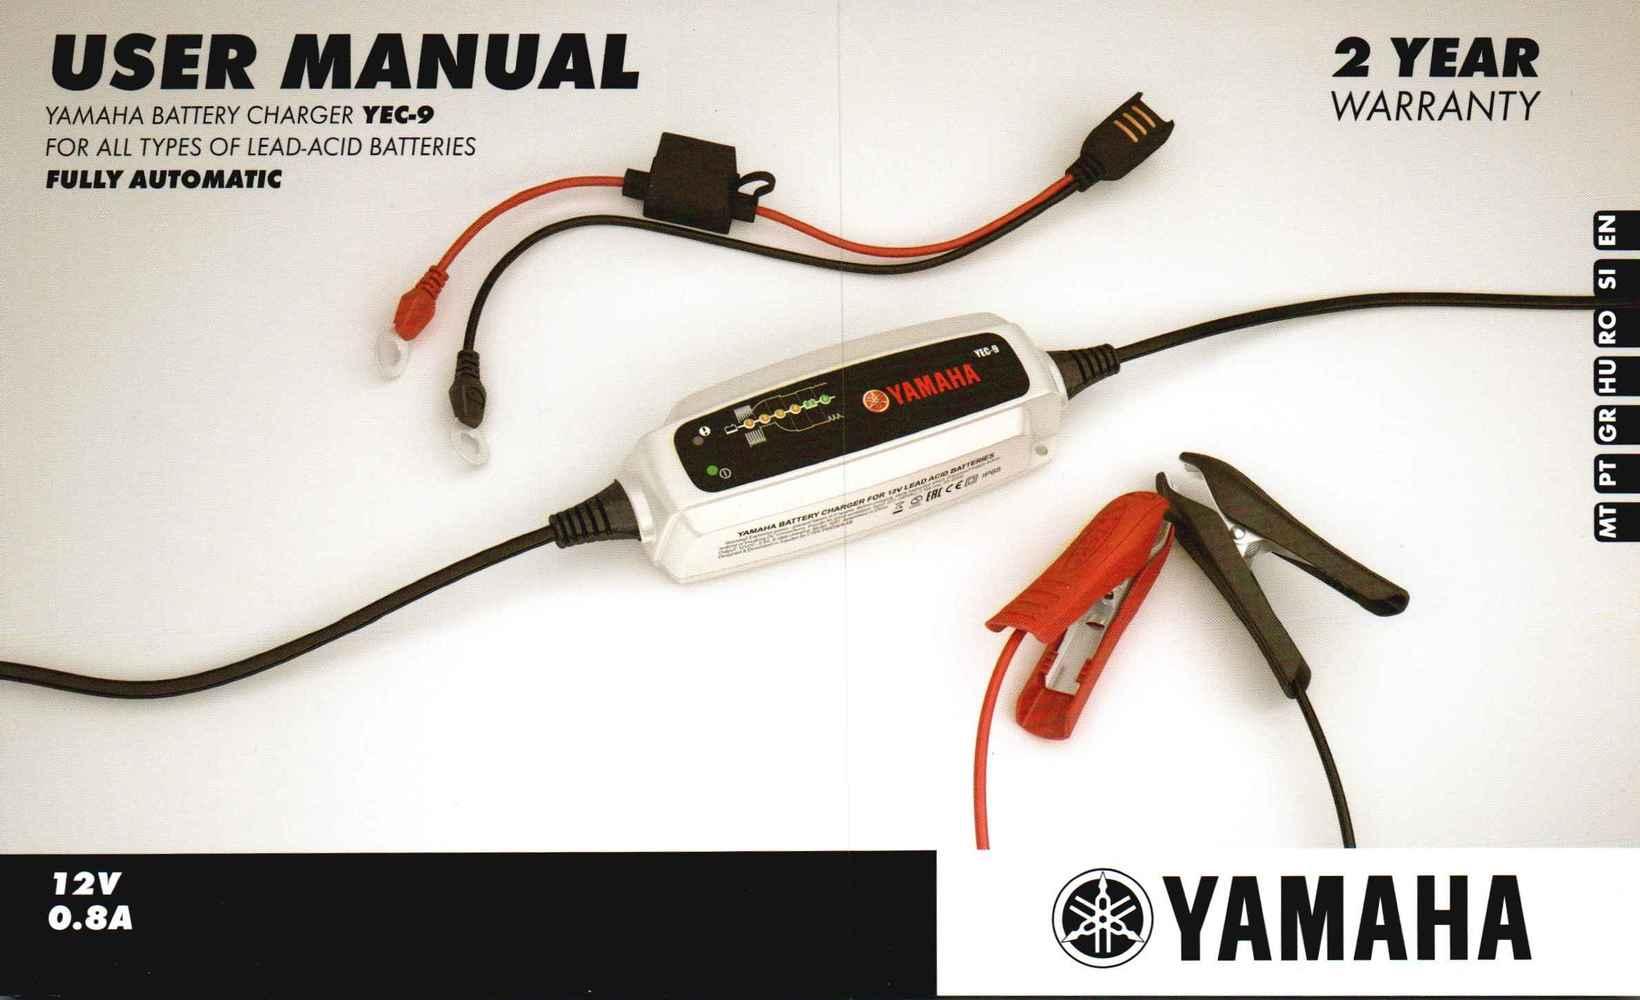 Bedienungsanleitung Batterieladegerät